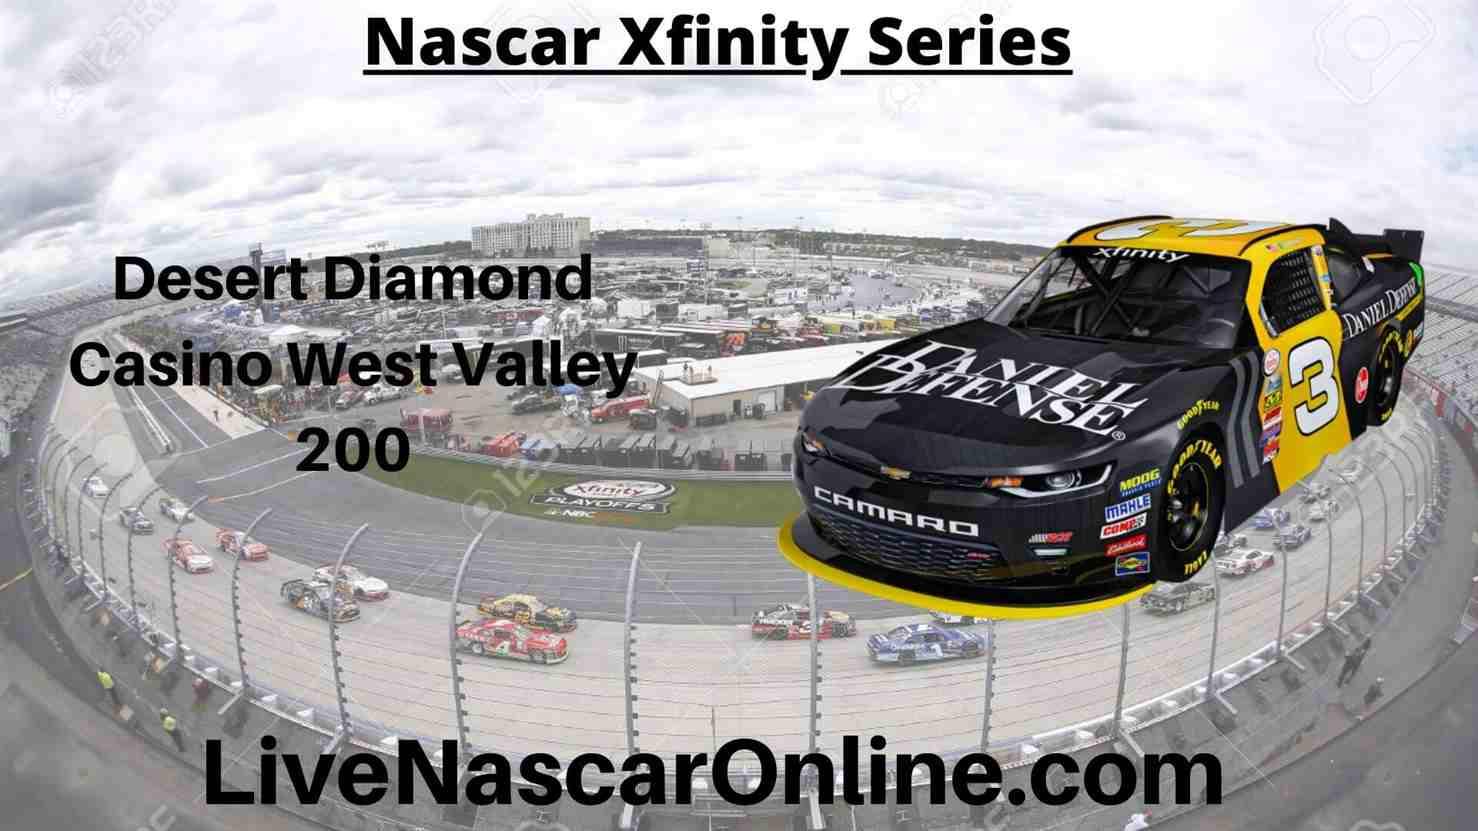 Desert Diamond Casino West Valley 200 Online Stream | NASCAR ISM Raceway 2020